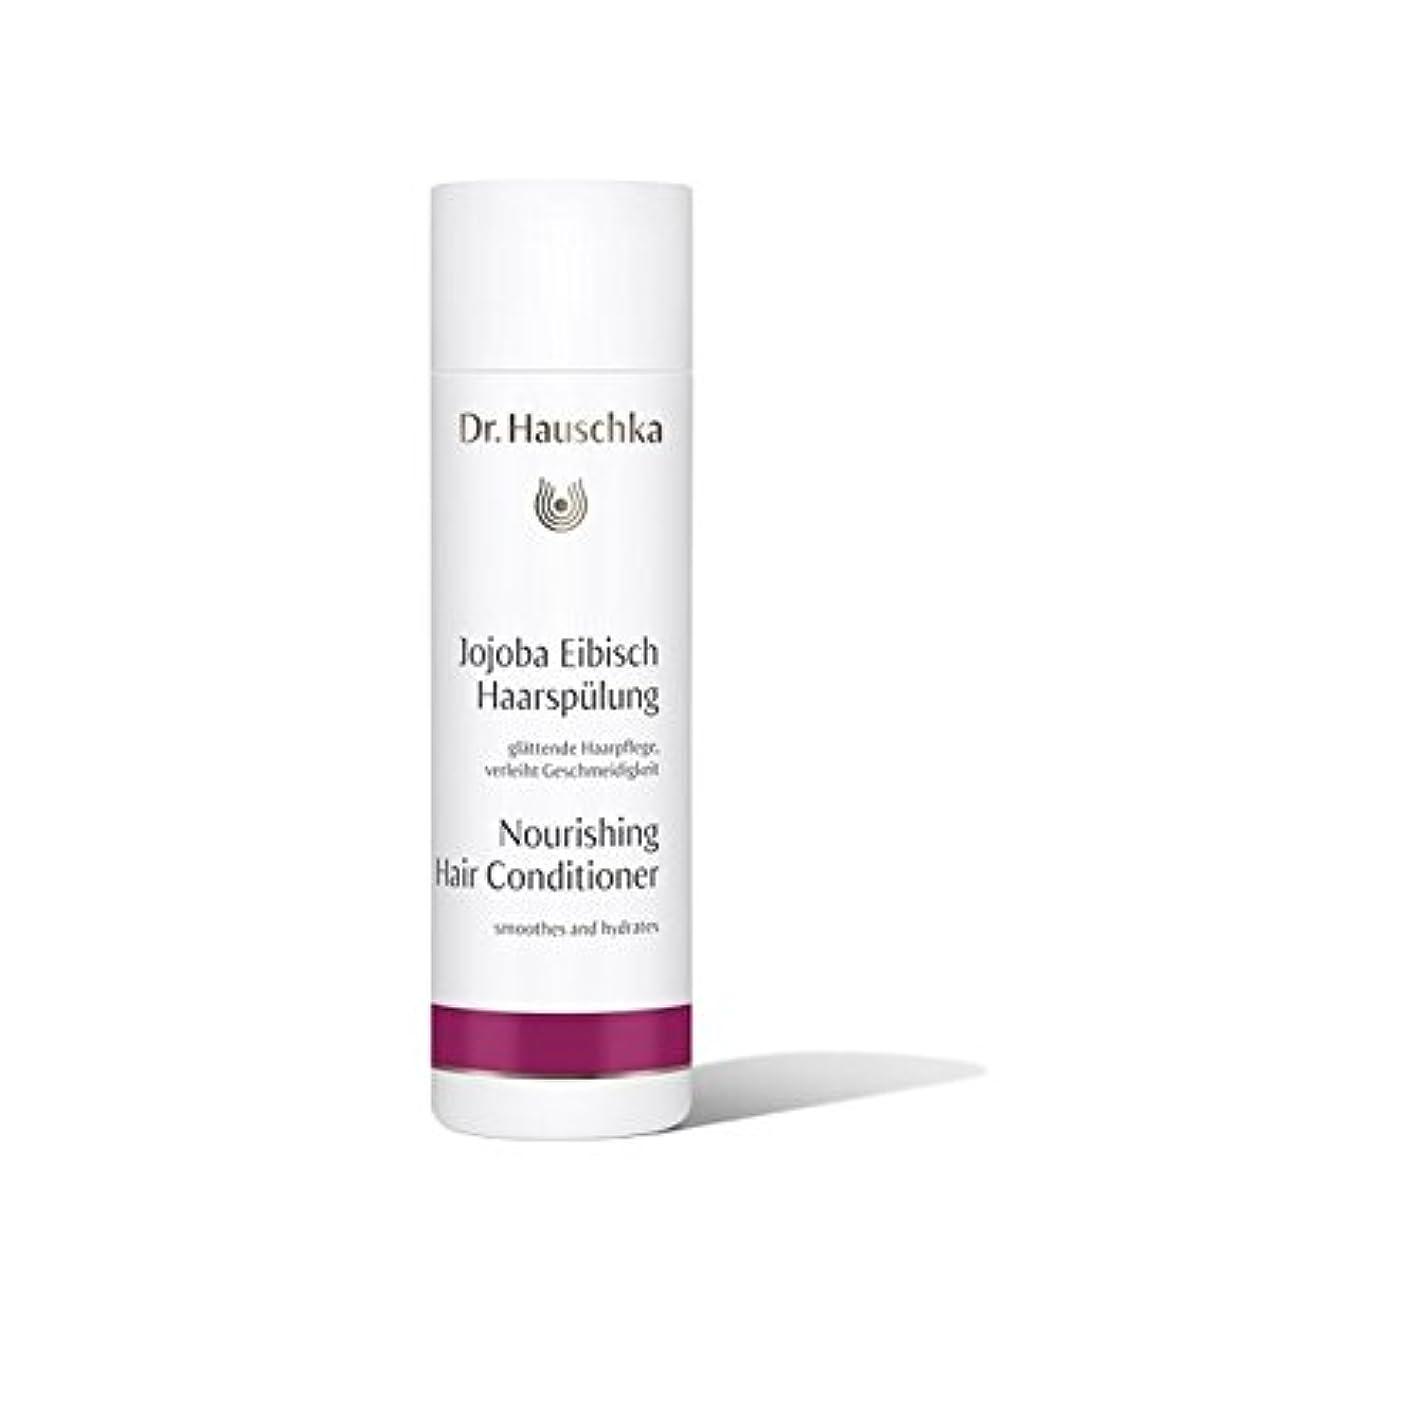 悪化させる有力者全滅させるハウシュカ栄養ヘアコンディショナー(200ミリリットル) x2 - Dr. Hauschka Nourishing Hair Conditioner (200ml) (Pack of 2) [並行輸入品]